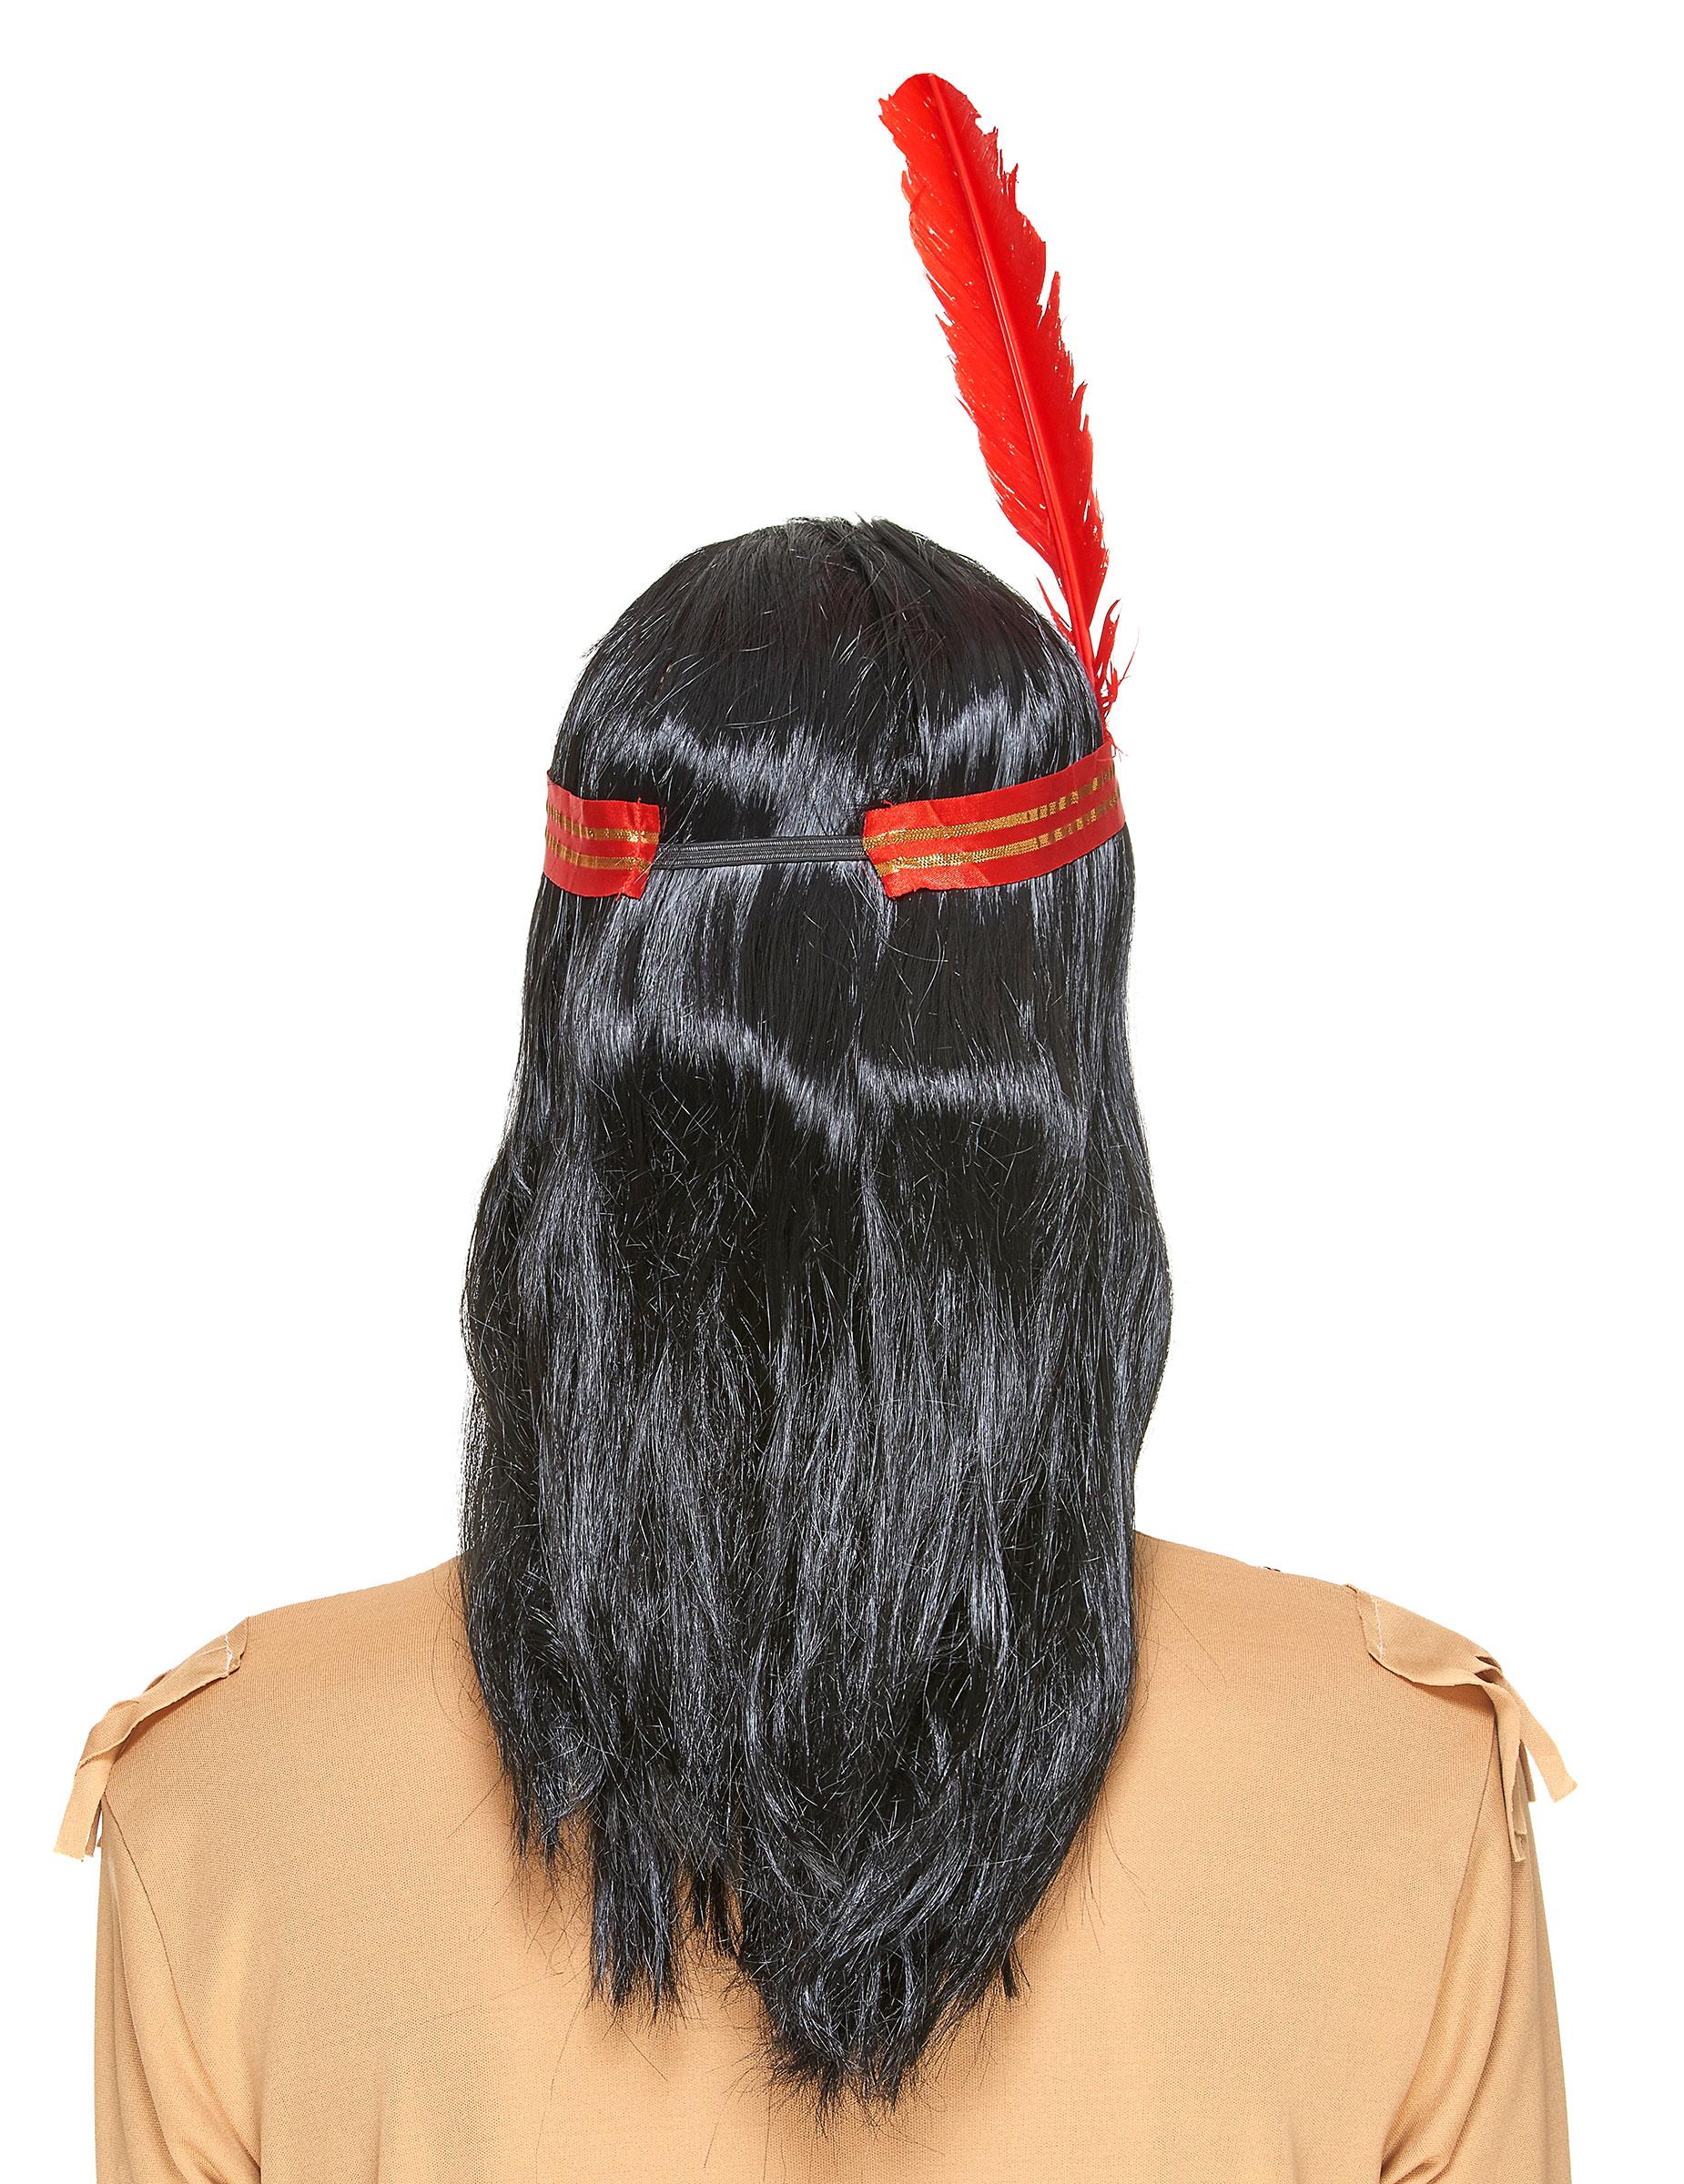 perruque indien adulte achat de perruques sur vegaoopro grossiste en d guisements. Black Bedroom Furniture Sets. Home Design Ideas